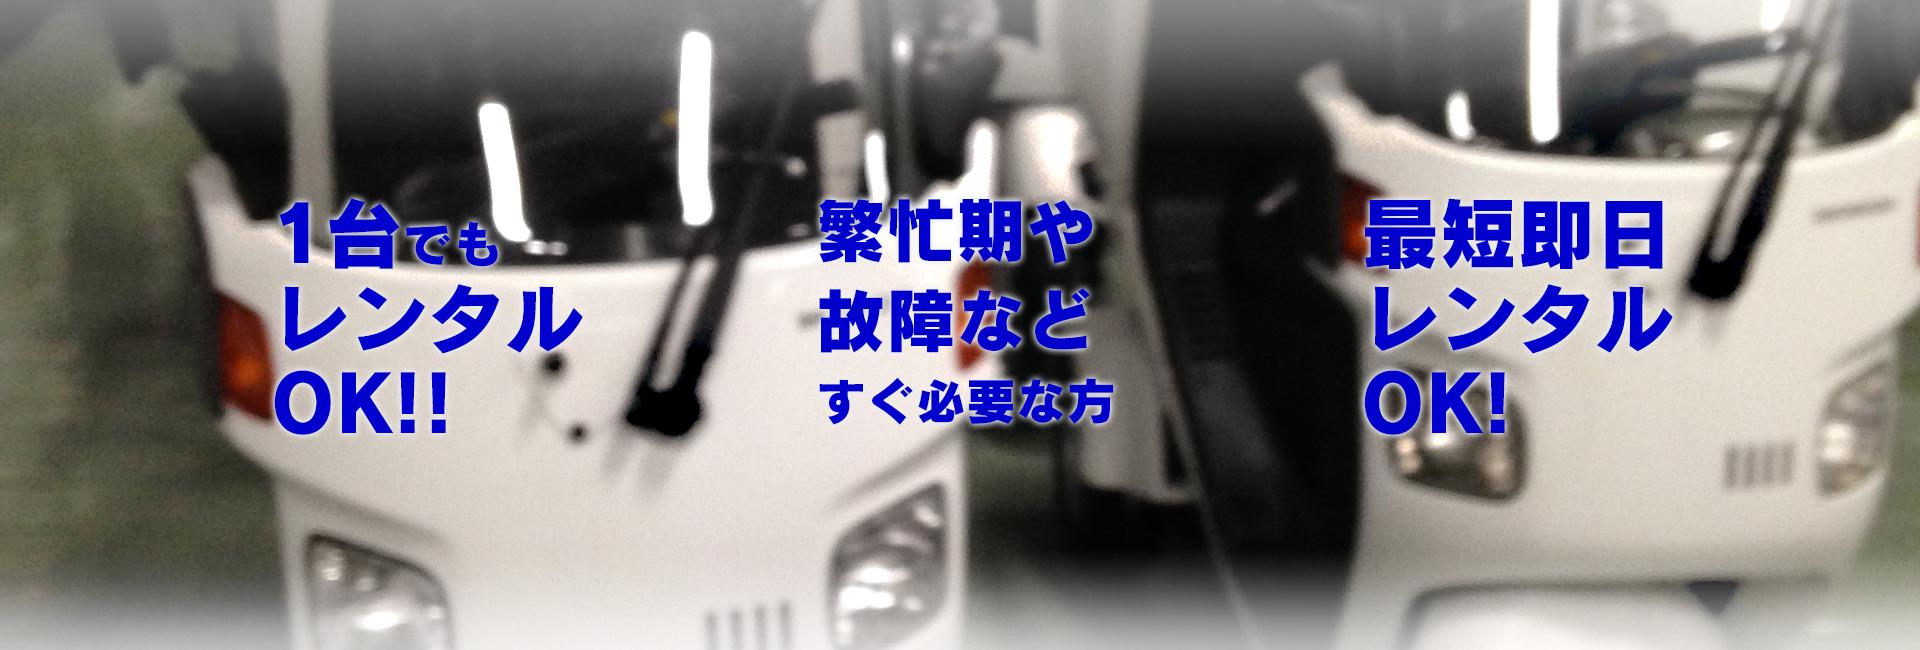 ビジネス・宅配・デリバリー業務用バイクのFPレンタルバイク フットプリント